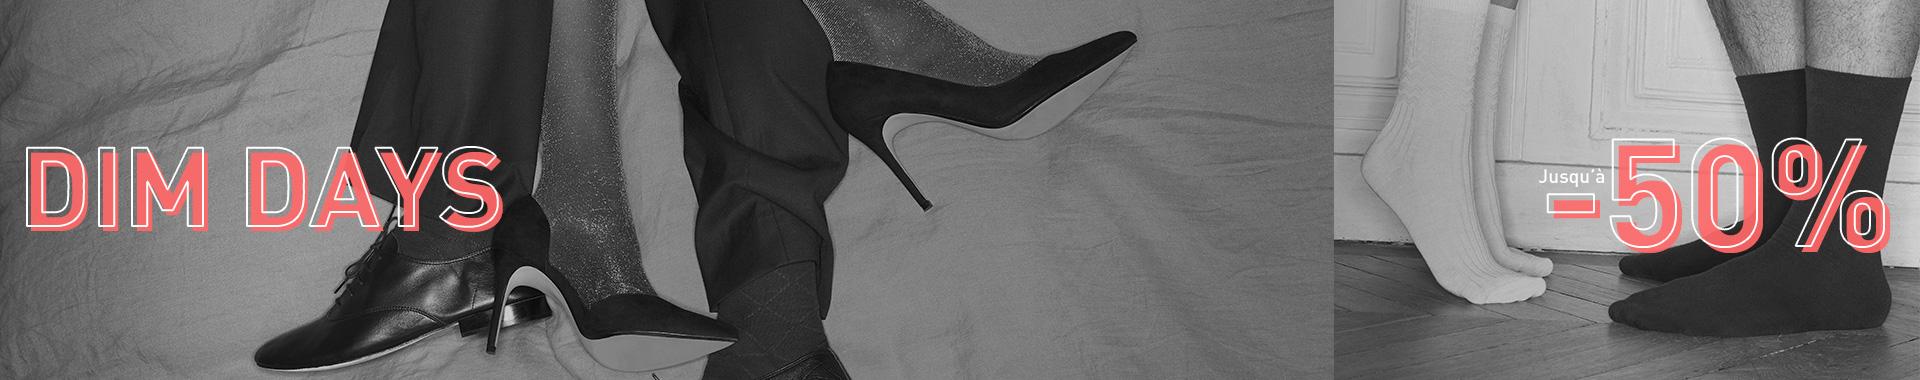 Bas & collants - Découvrez la large sélection de collants et de bas pour sublimer vos jambes.